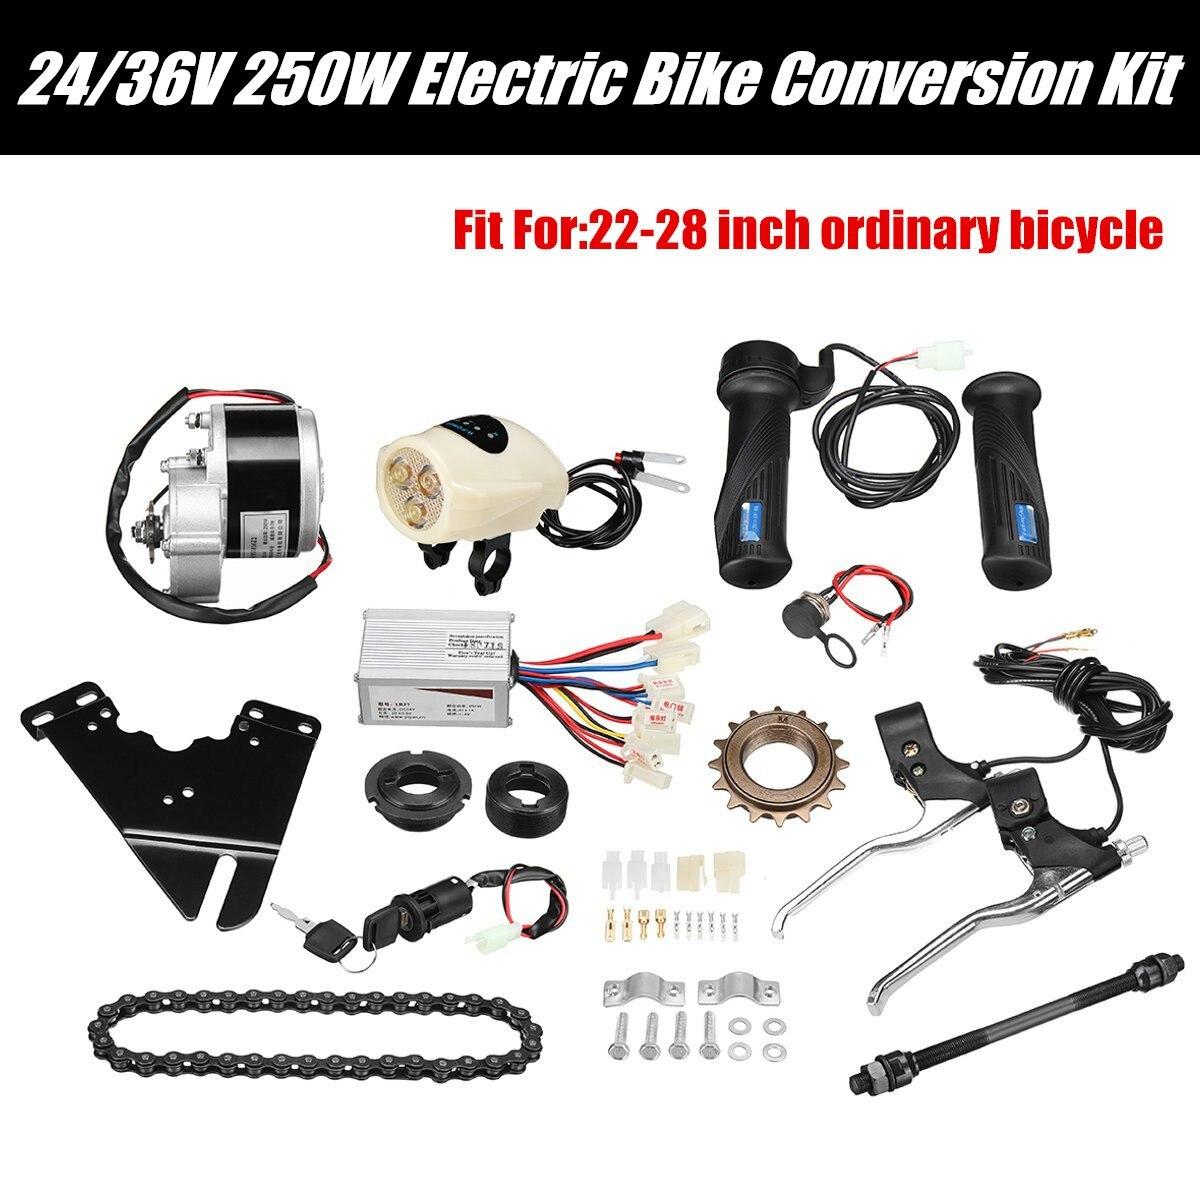 250W 24V DC Motor Regler Motor Controller Fahrrad Elektrische eBike Conversion Kit Zubehör für 22-28 Elektrische fahrrad E-bike